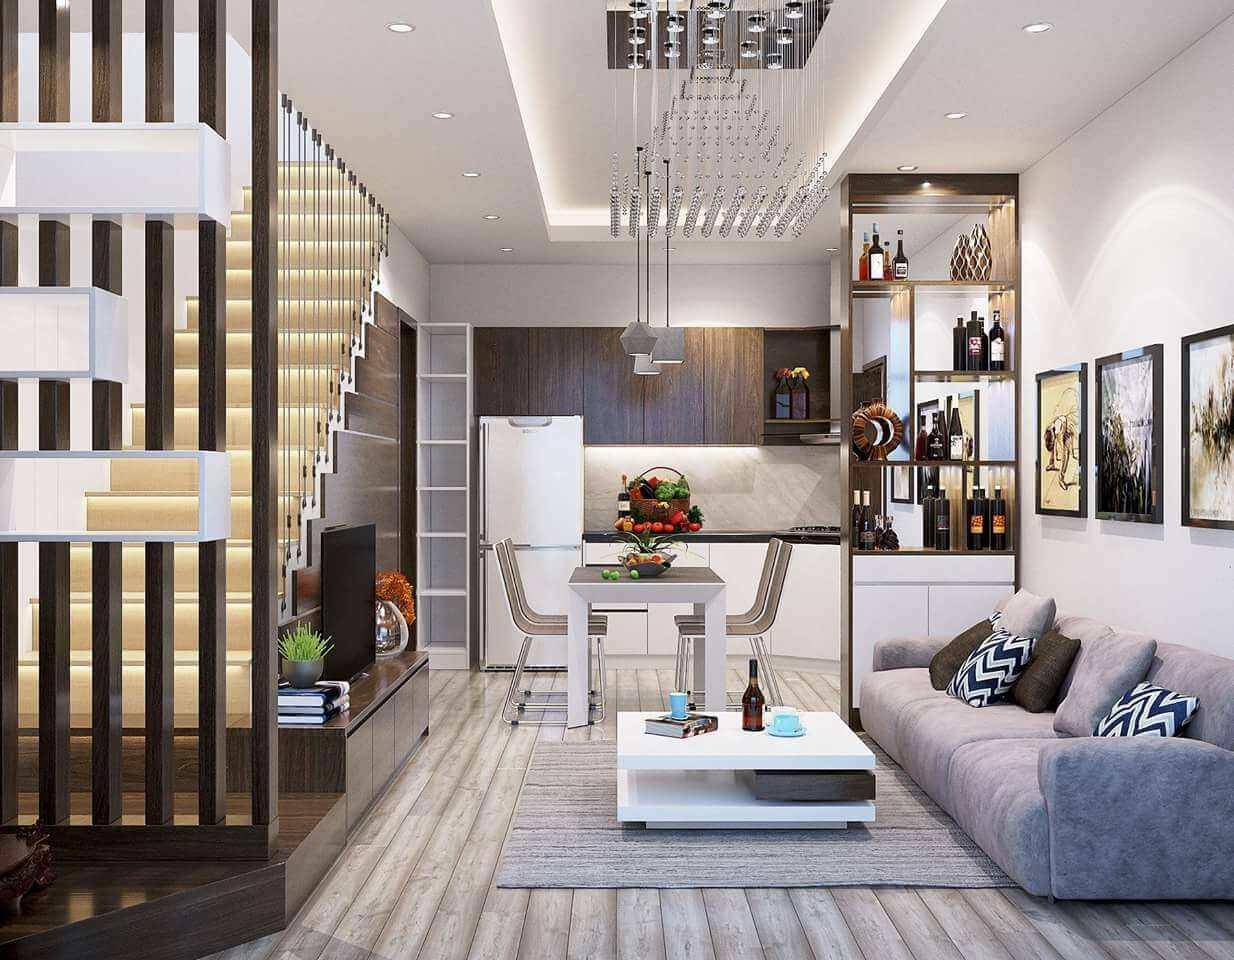 Thiết kế phòng khách nhỏ gọn có cầu thang nhưng vẫn đảm bảo sự tiện nghi và ấm cúng cho gia chủ nhờ cách bố trí nội thất khoa học